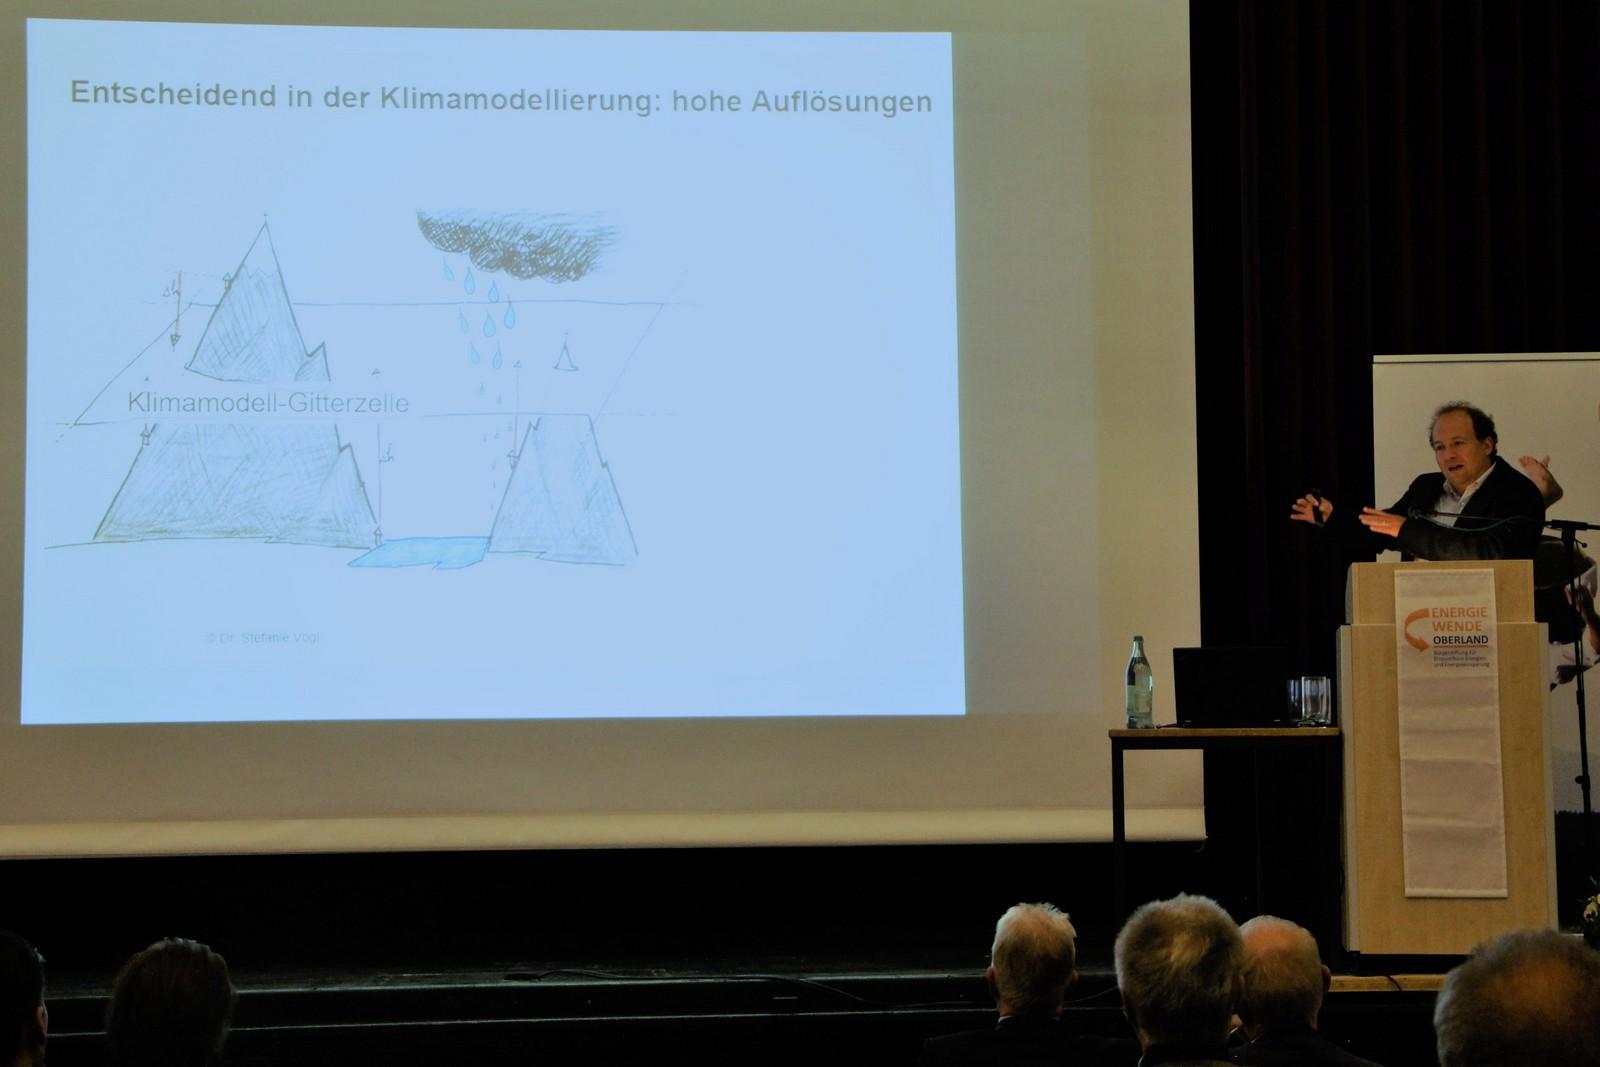 Prof. Dr. Harald Kunstmann weist in seinem Vortrag auf die Auswirkungen des Klimawandels im Oberland hin